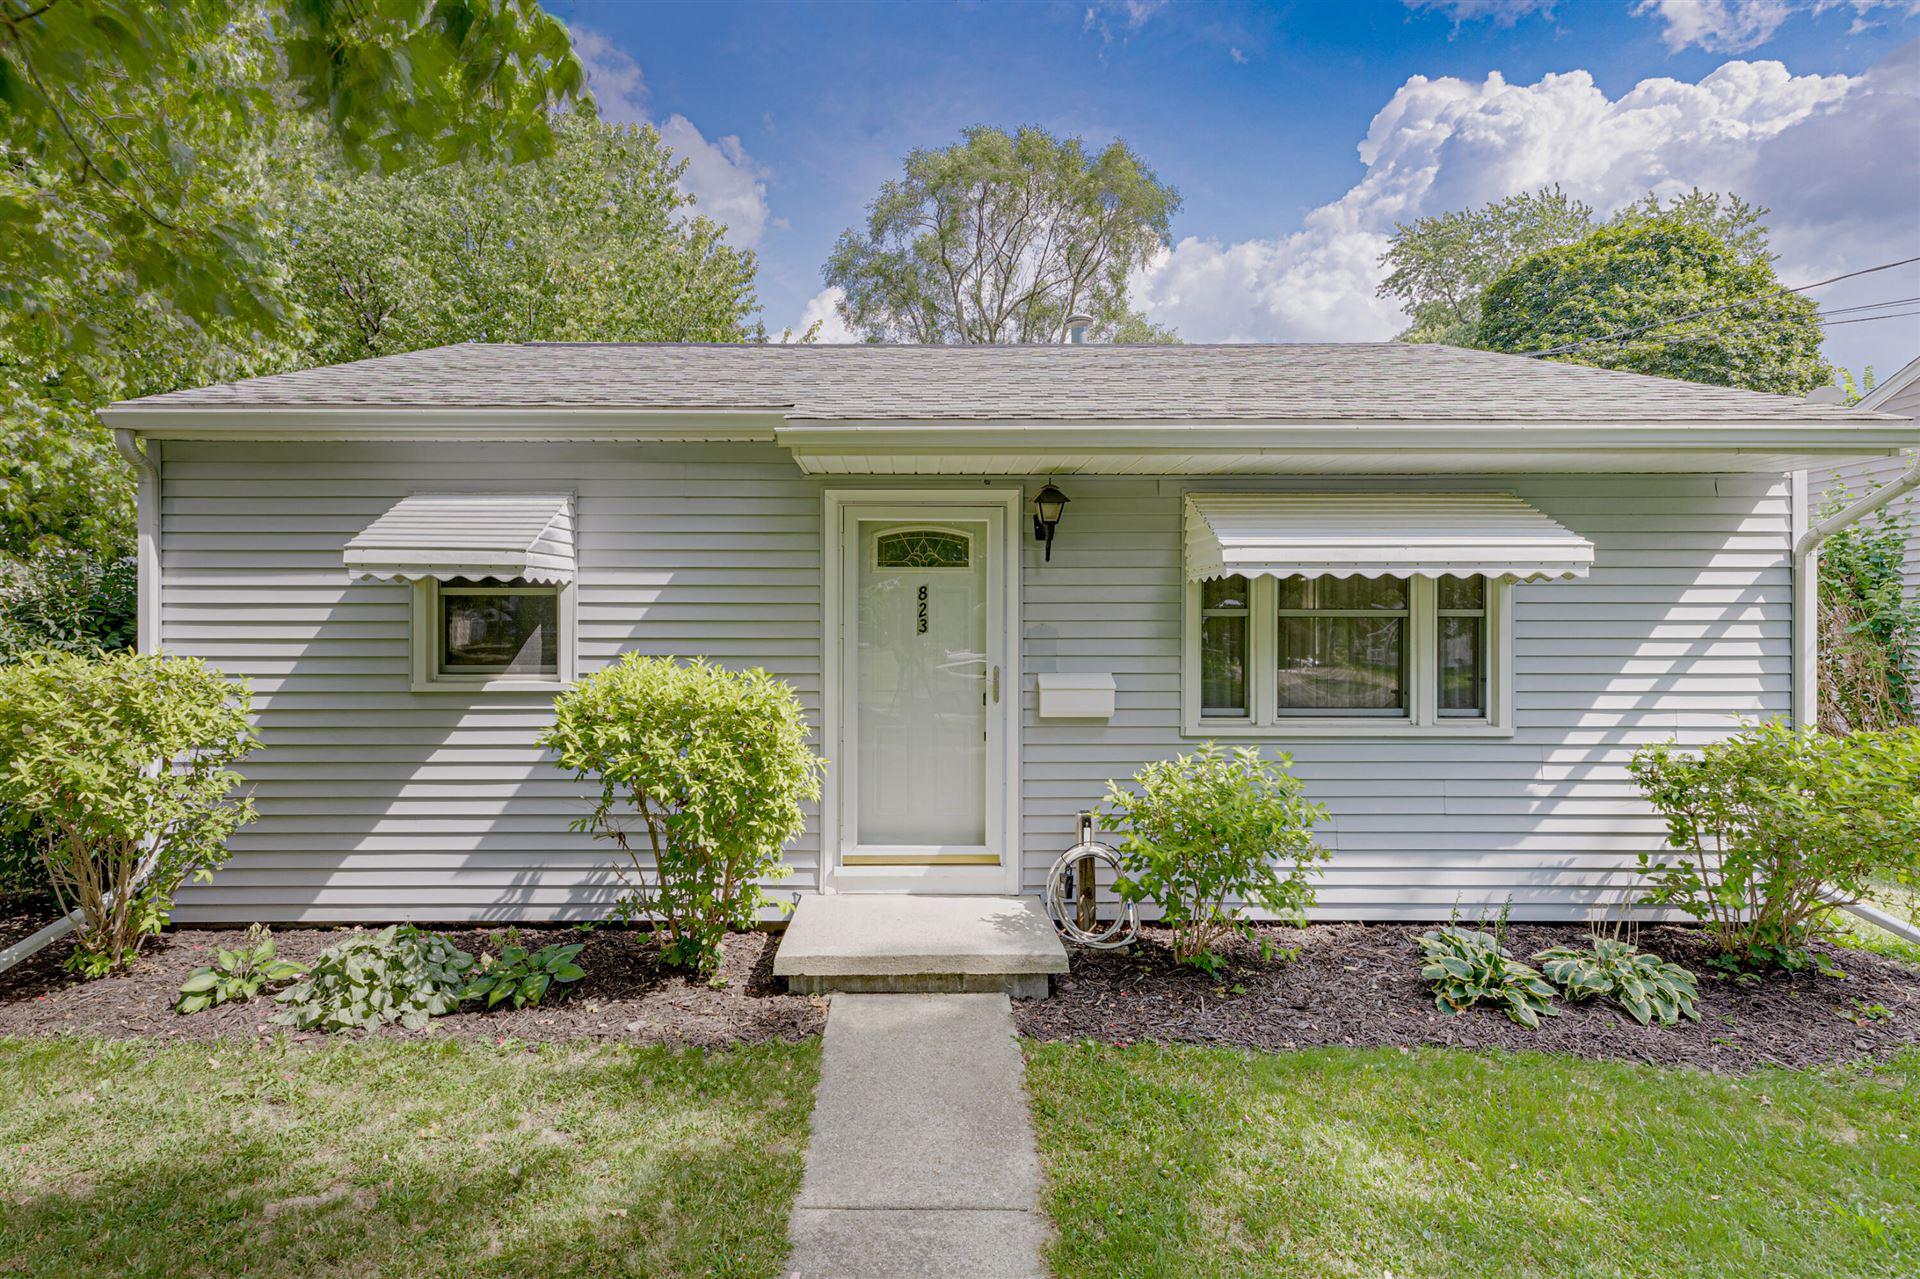 823 Seymour Avenue, Jackson, MI 49202 - MLS#: 21106128